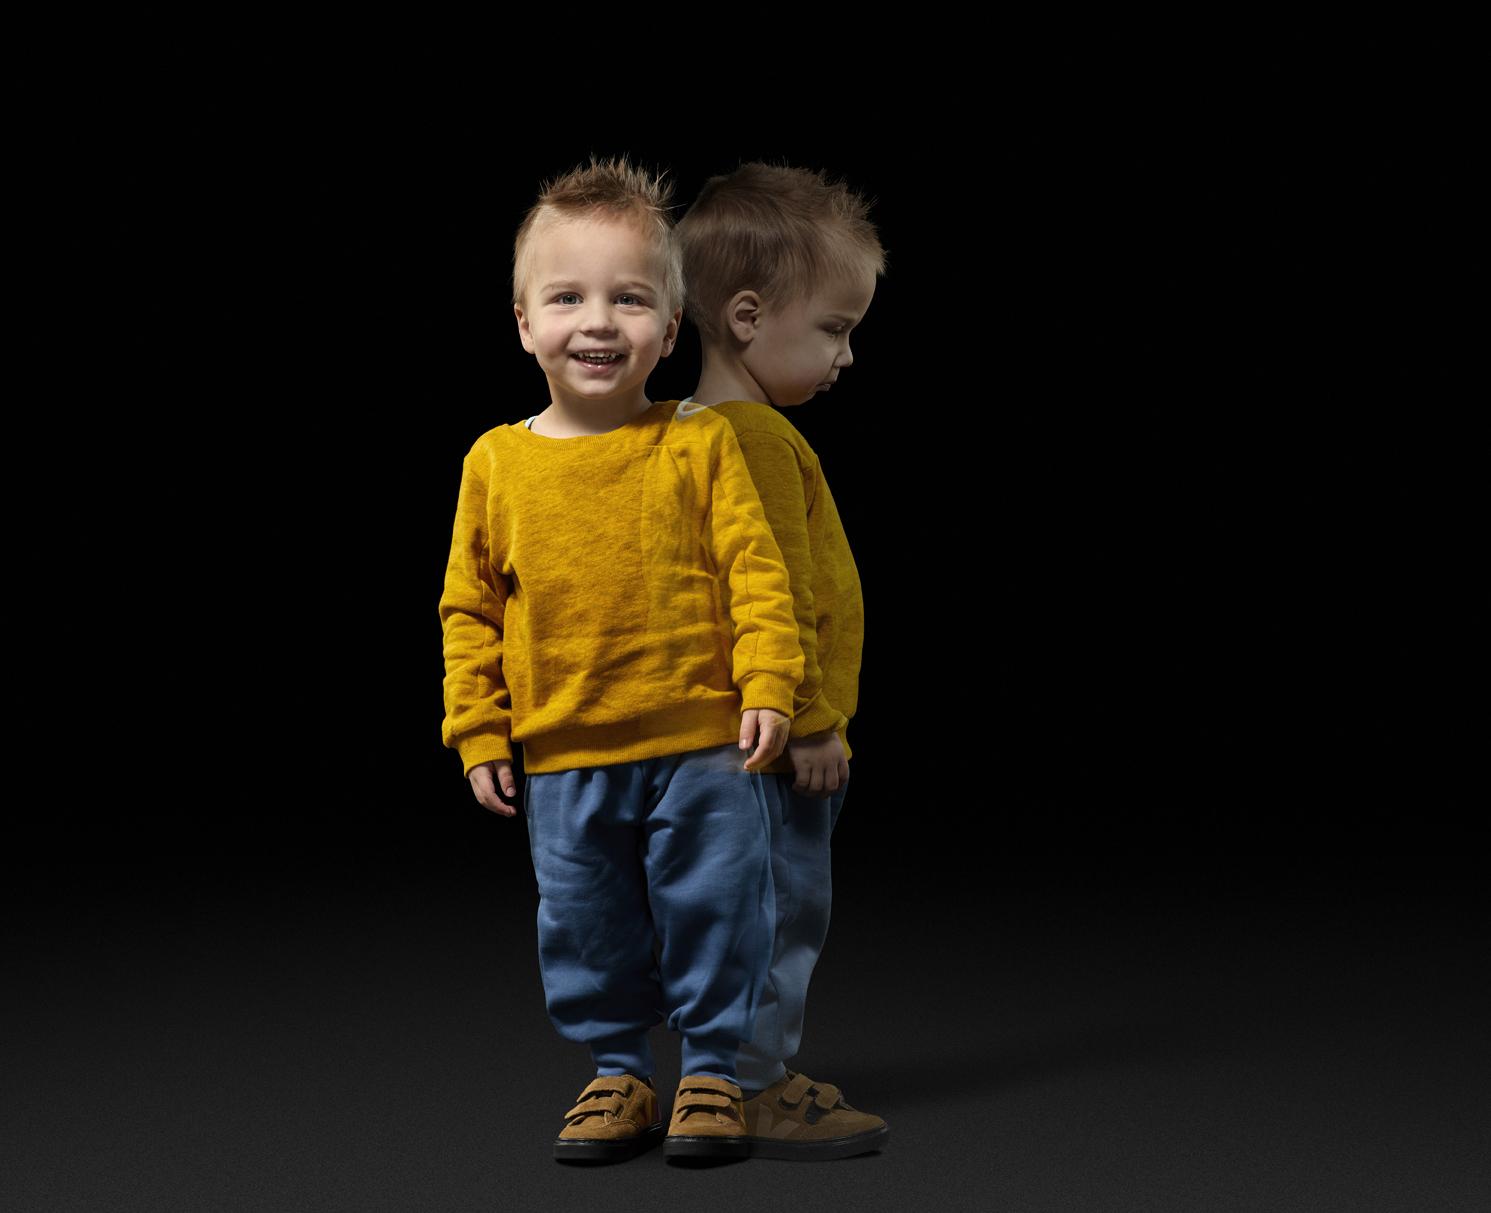 Onzichtbaar leed bij kinderen met een nierziekte verdient aandacht